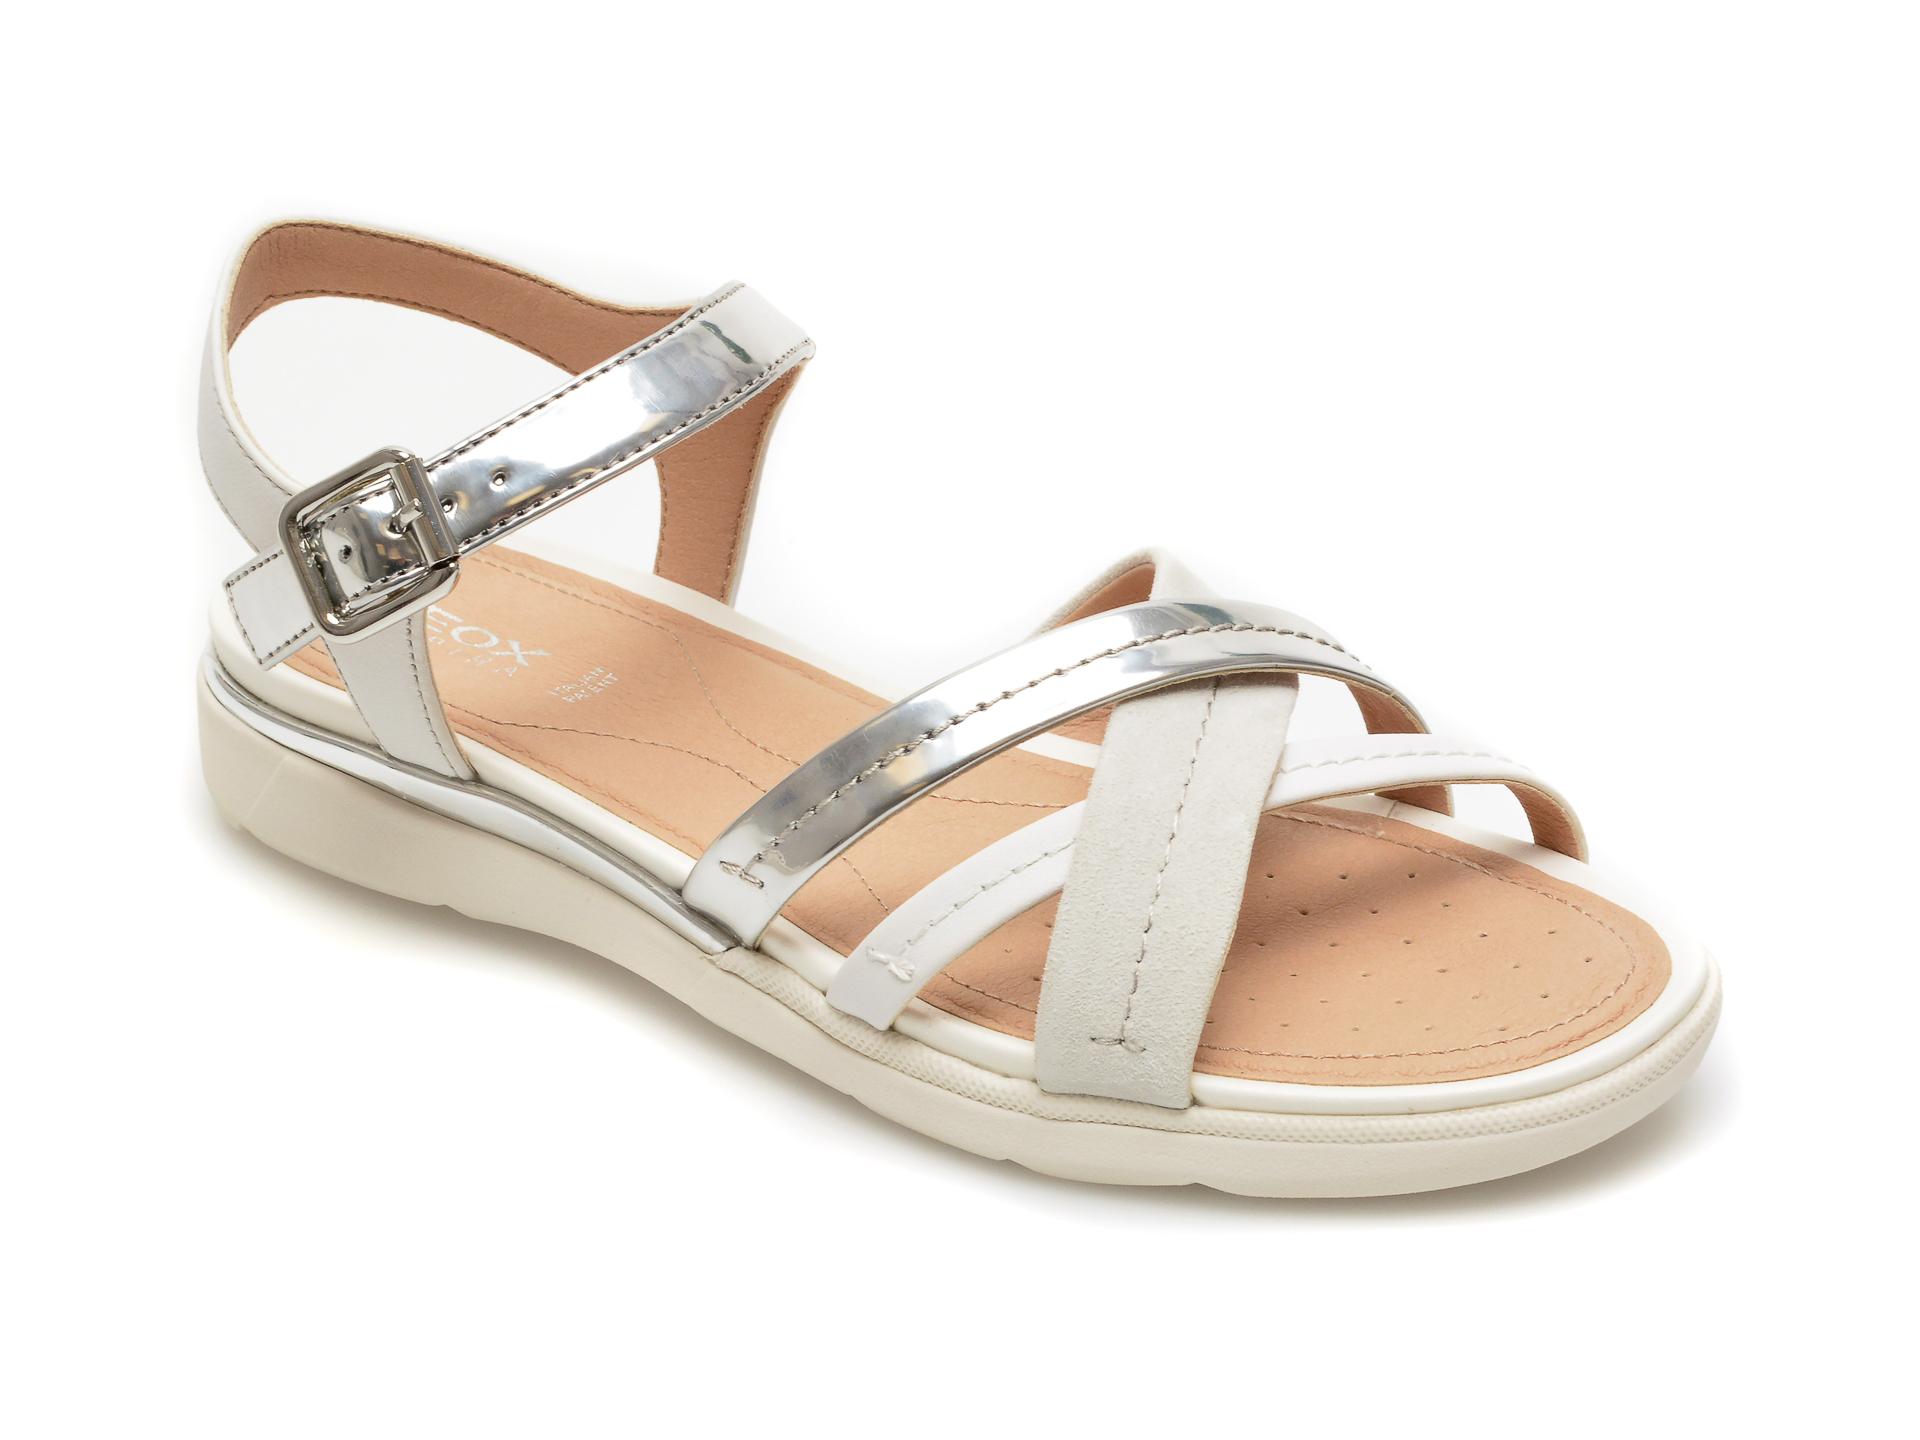 Sandale GEOX argintii, D02HBD, din piele naturala